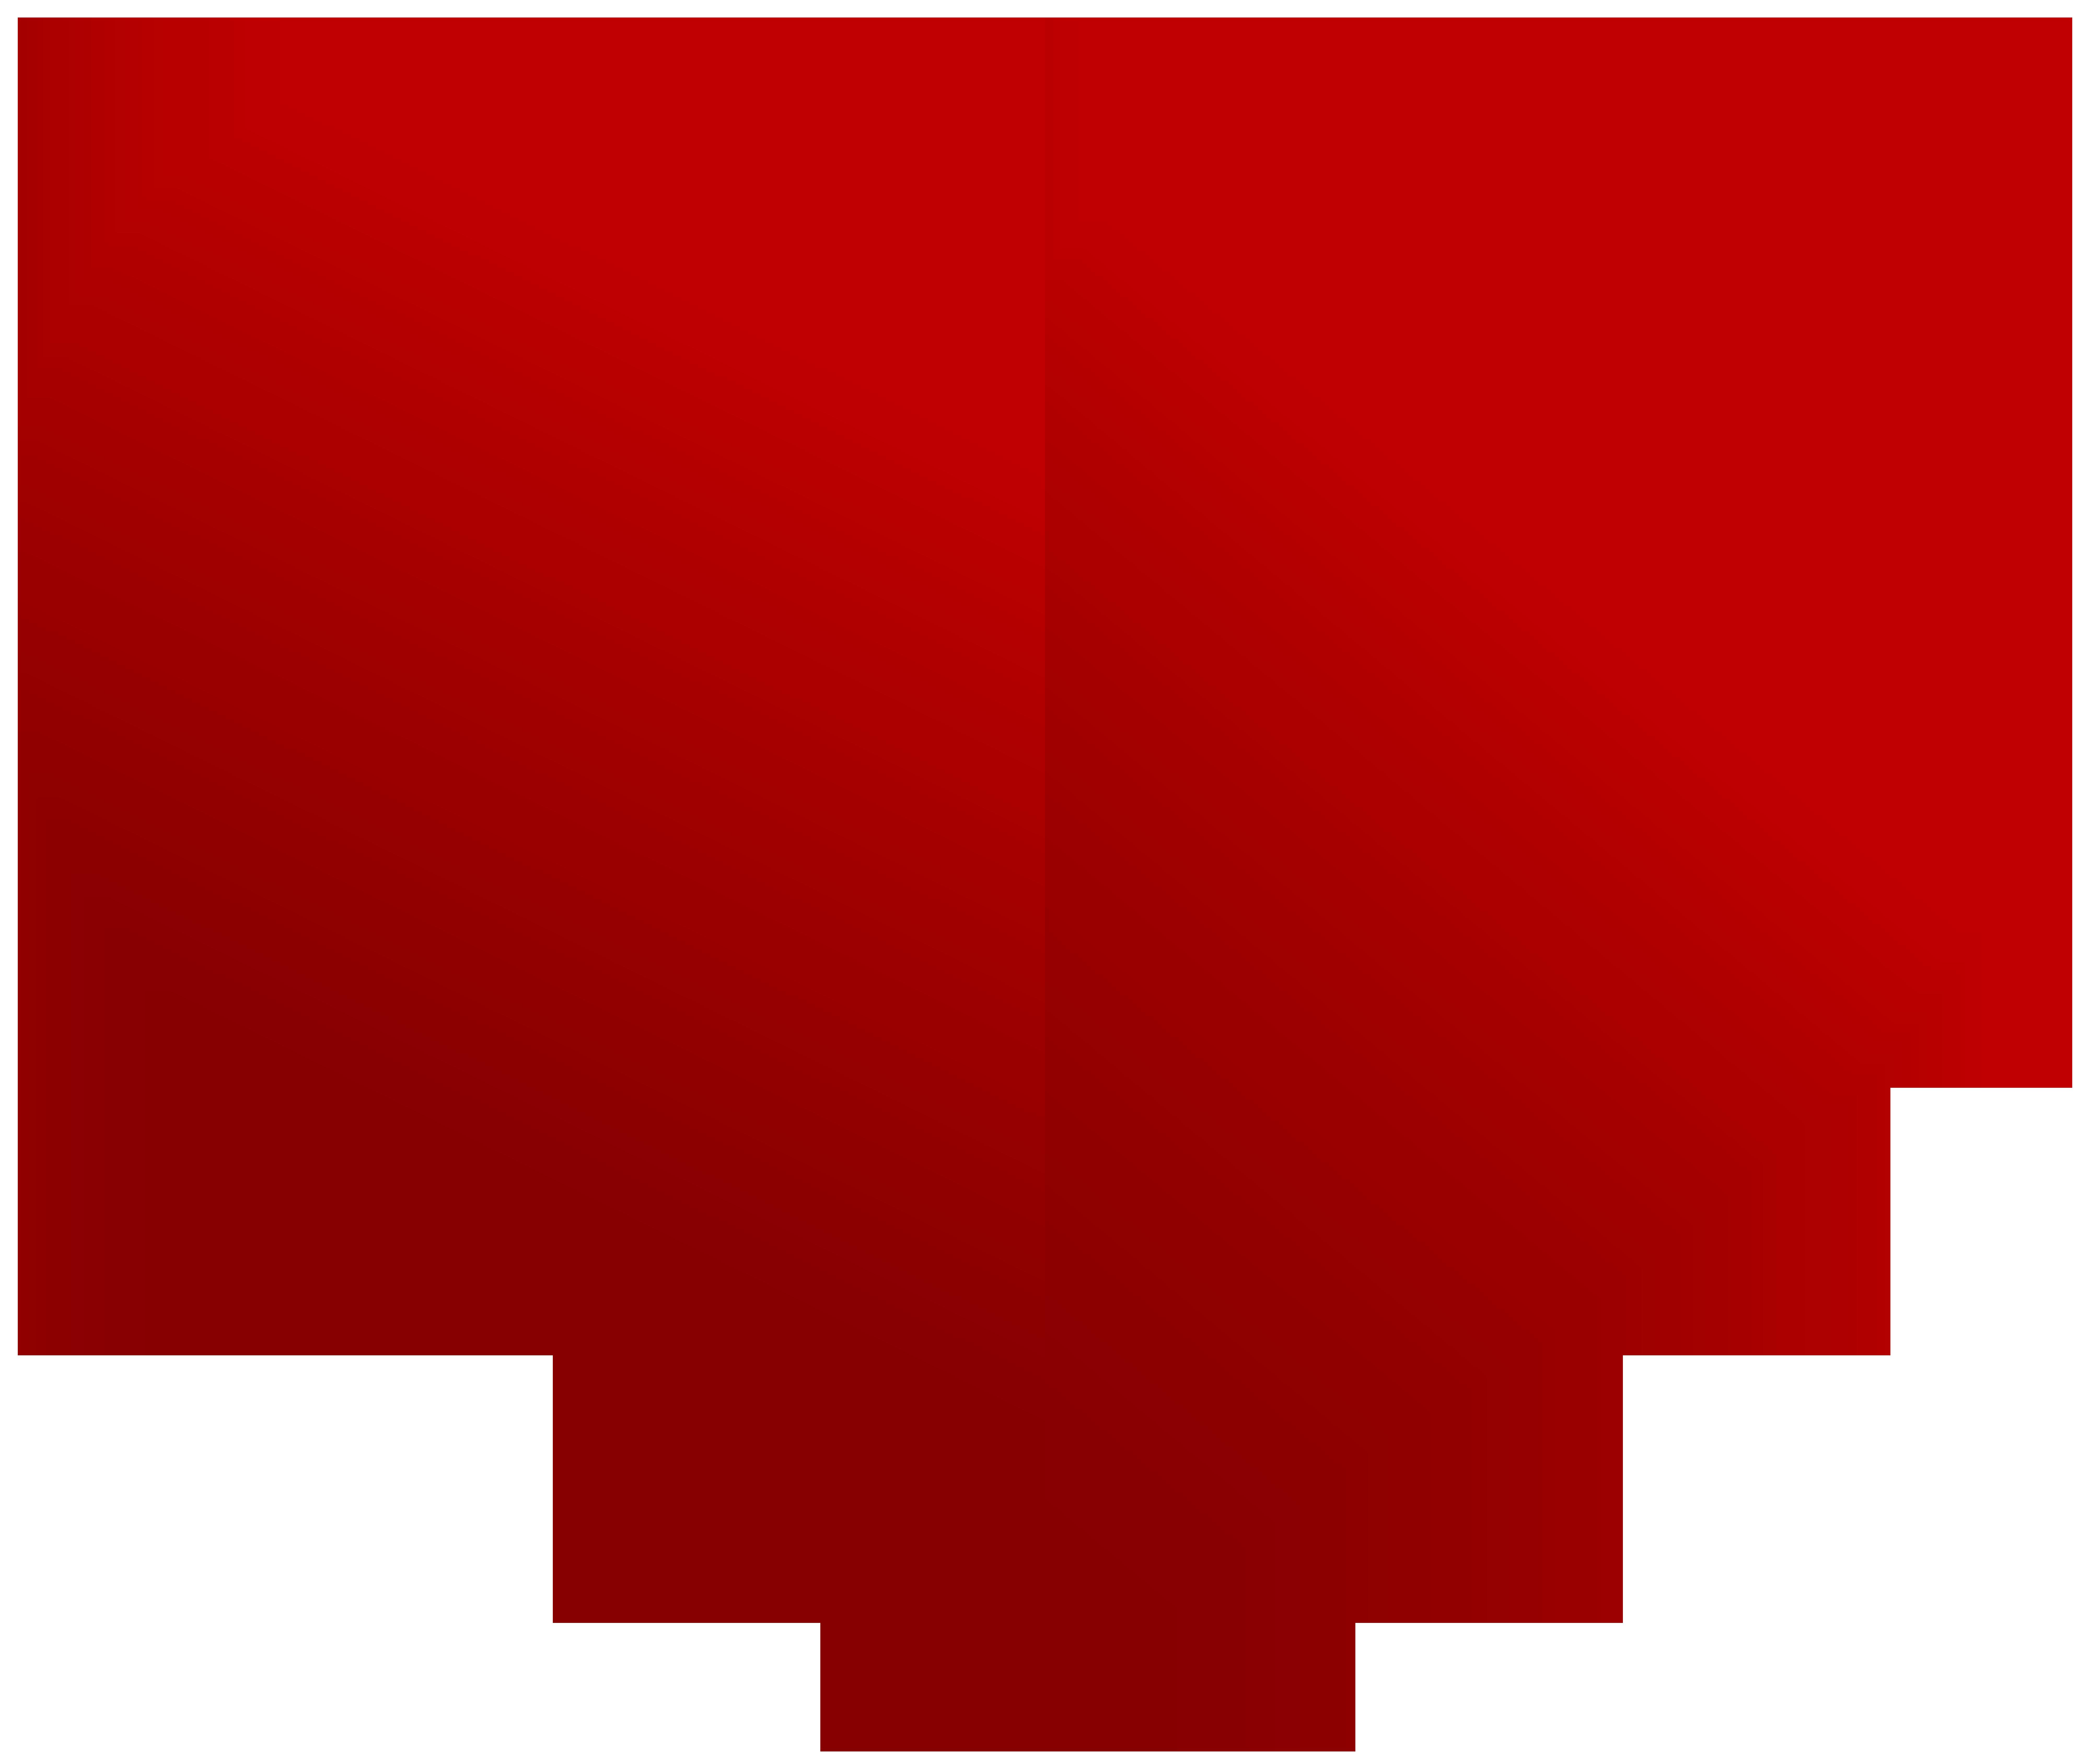 8000x6751 Heart Transparent Clip Art Imageu200b Gallery Yopriceville